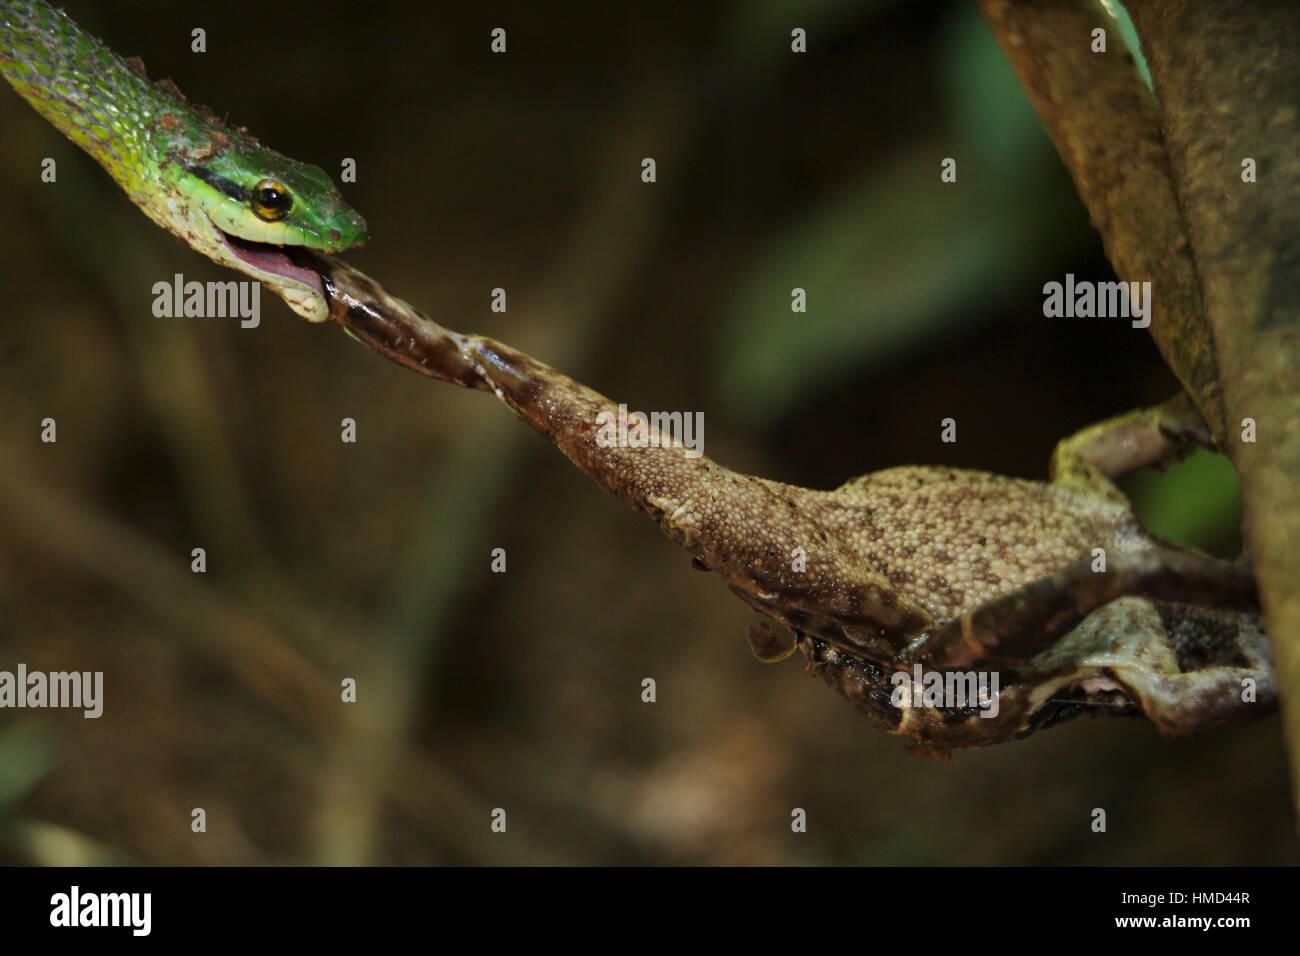 Green Parrot Snake (Leptophis Ahaetulla) fangen eine glattschalige Kröte (Bufo Haematiticus) an einem Flussufer. Stockbild